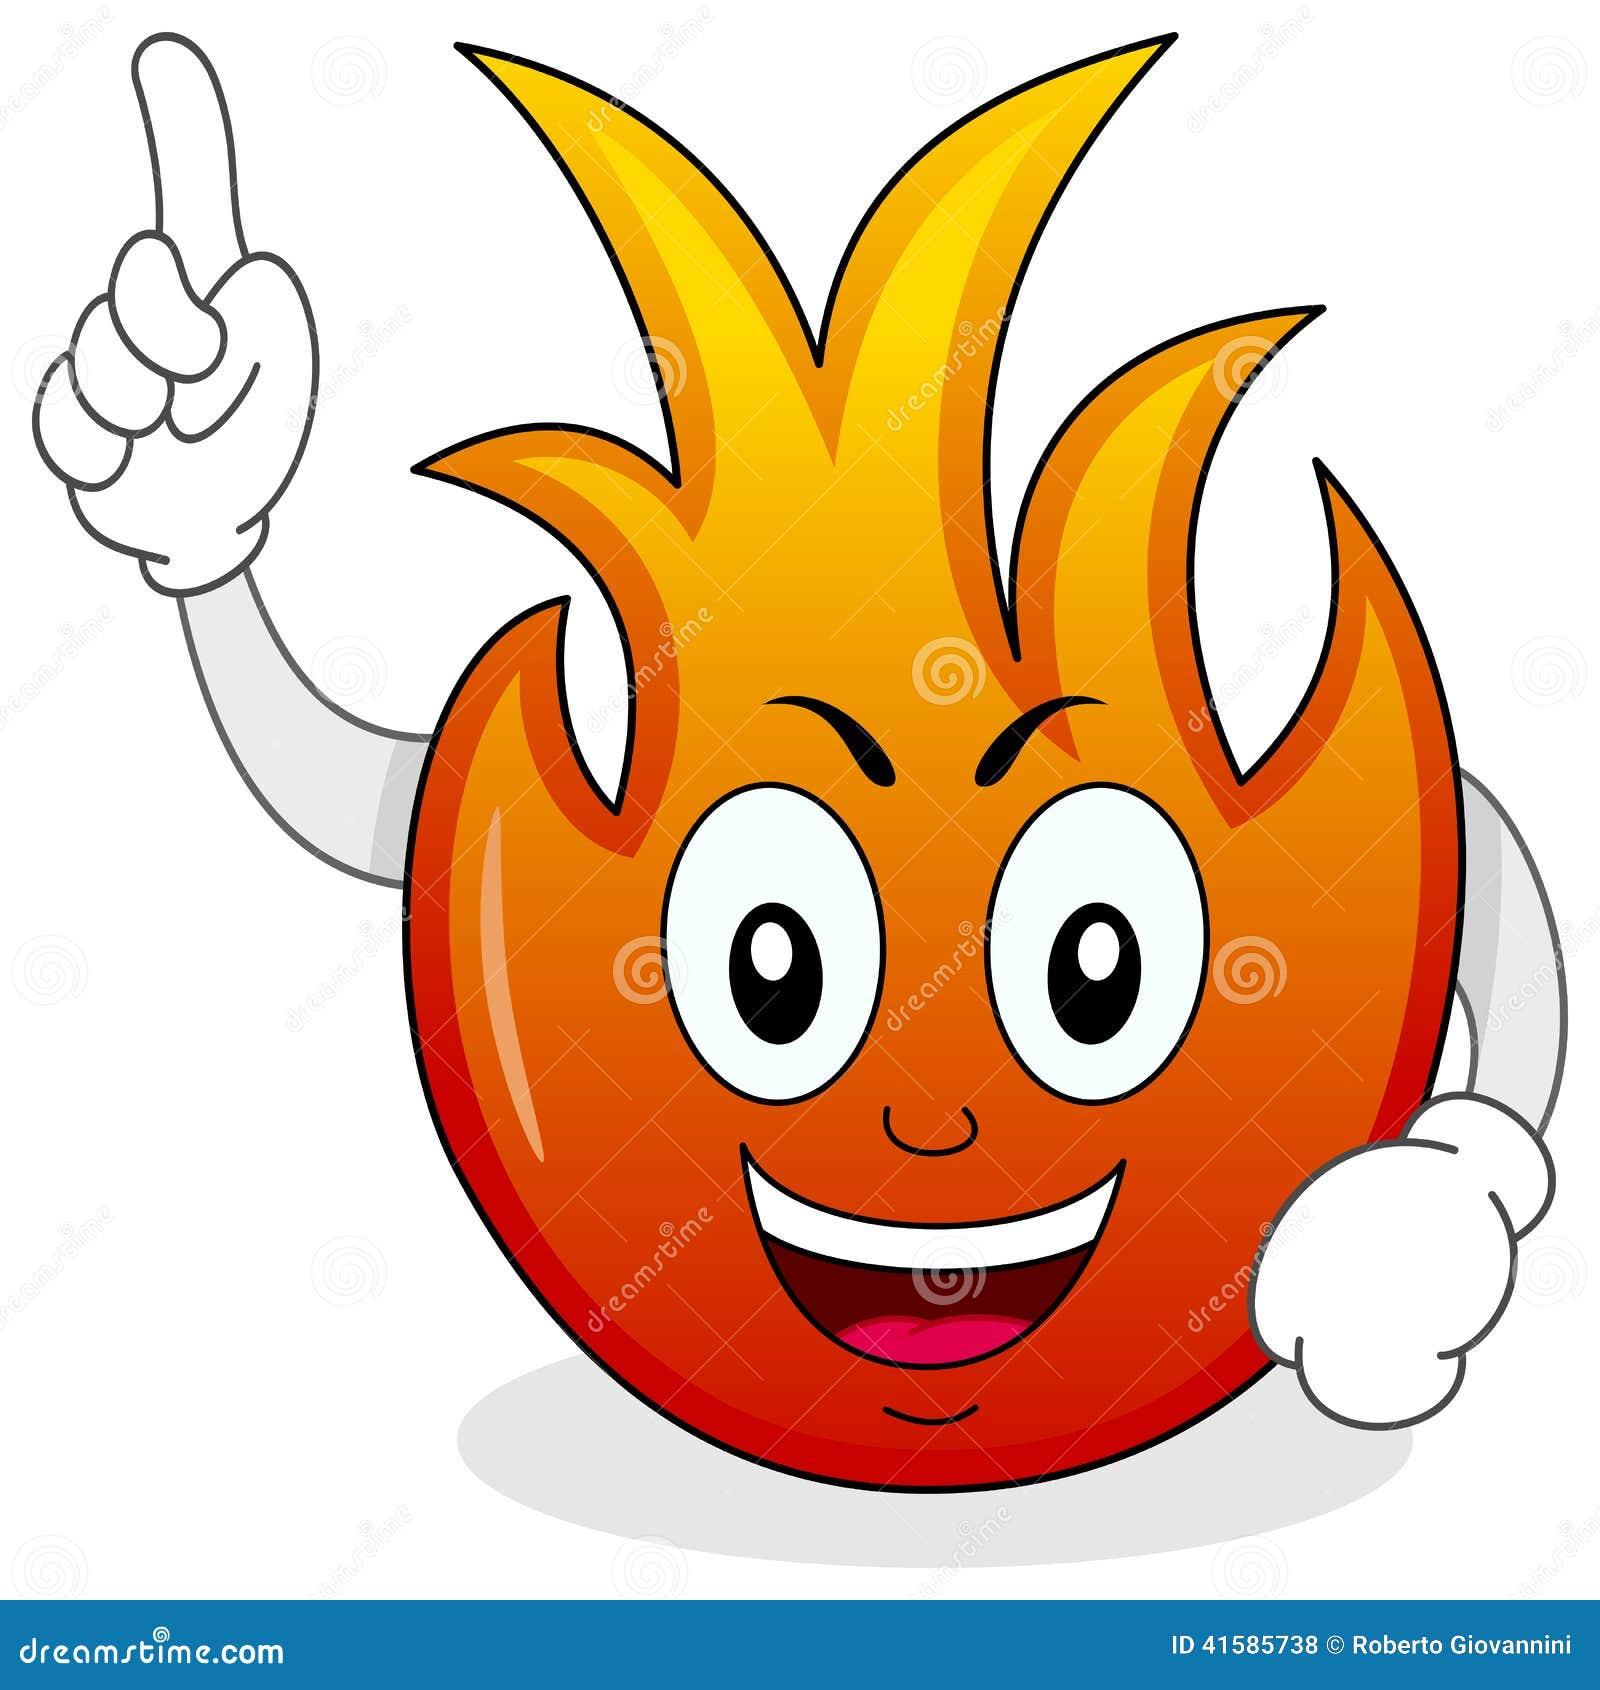 滑稽的火火焰漫画人物图片